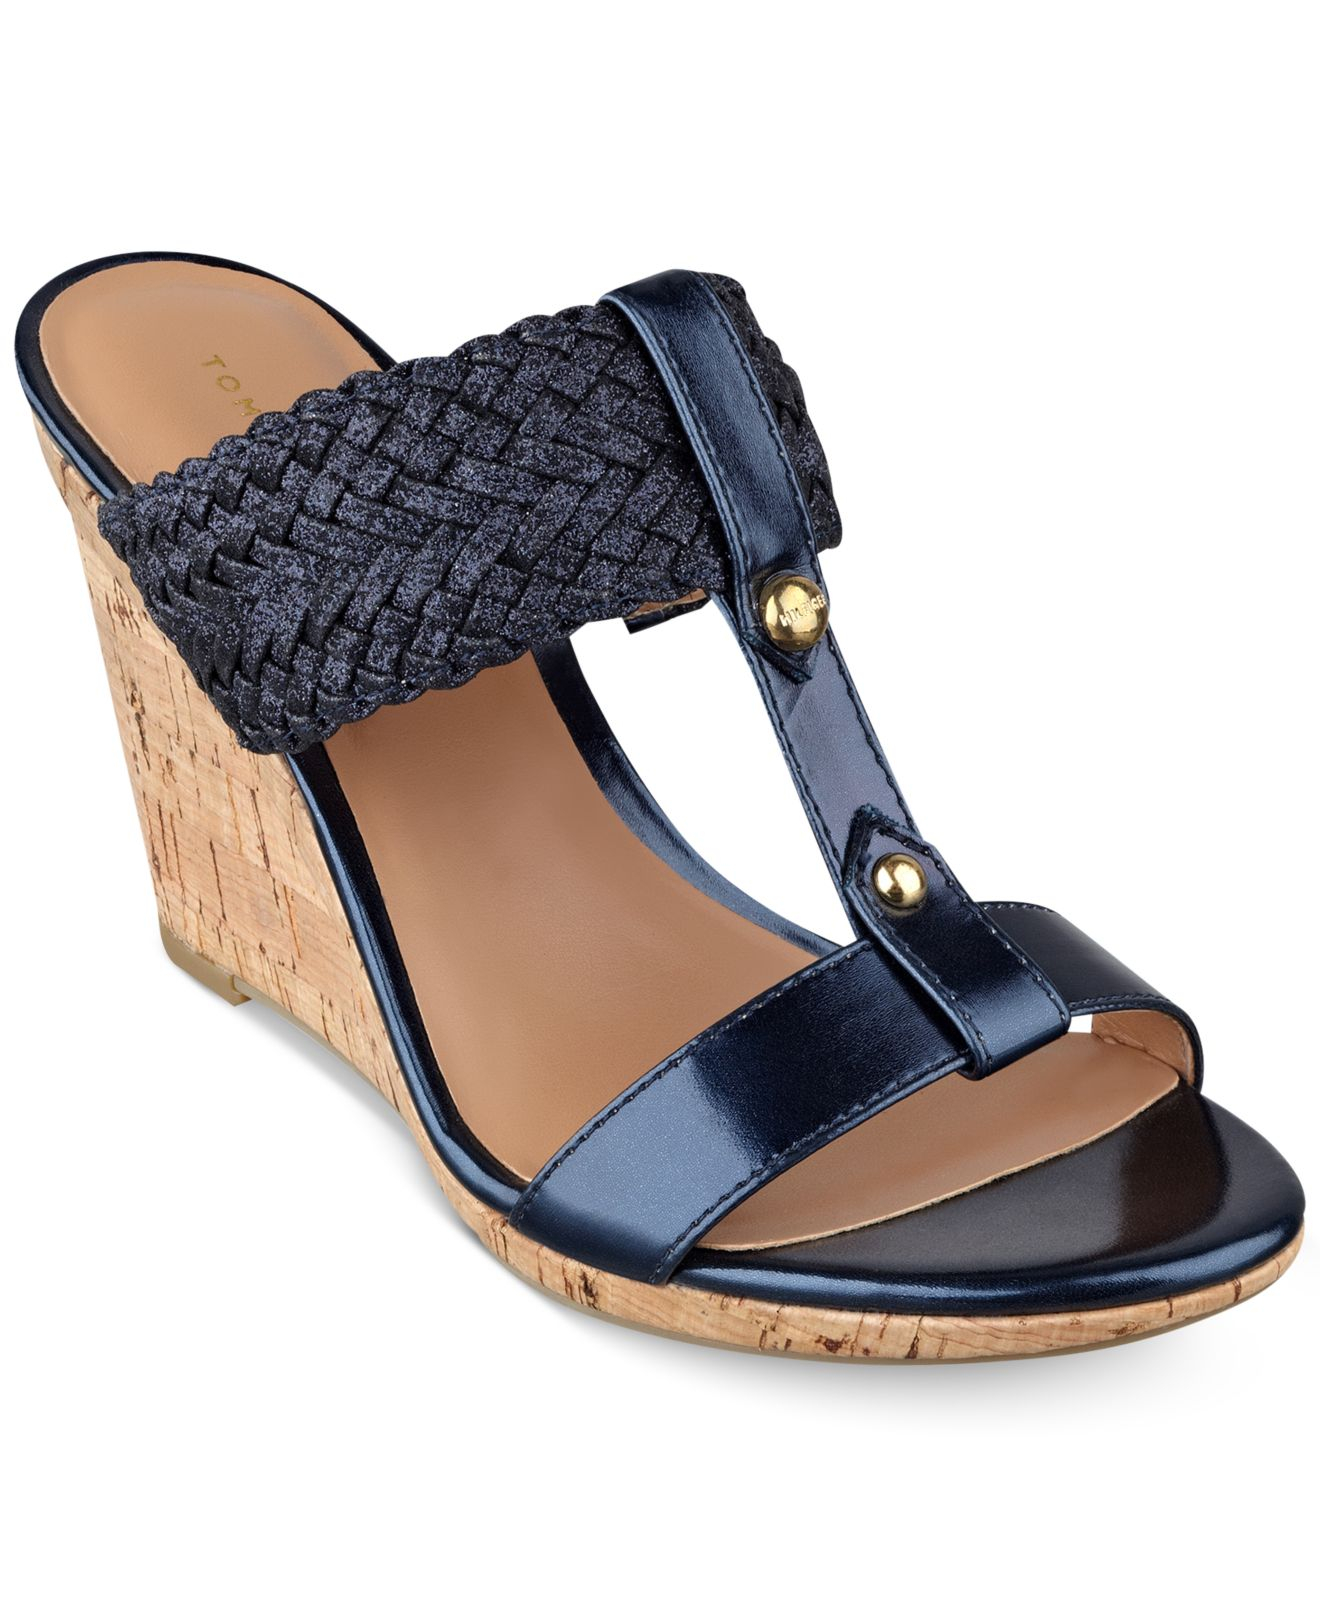 tommy hilfiger women 39 s eleona wedge sandals in blue lyst. Black Bedroom Furniture Sets. Home Design Ideas